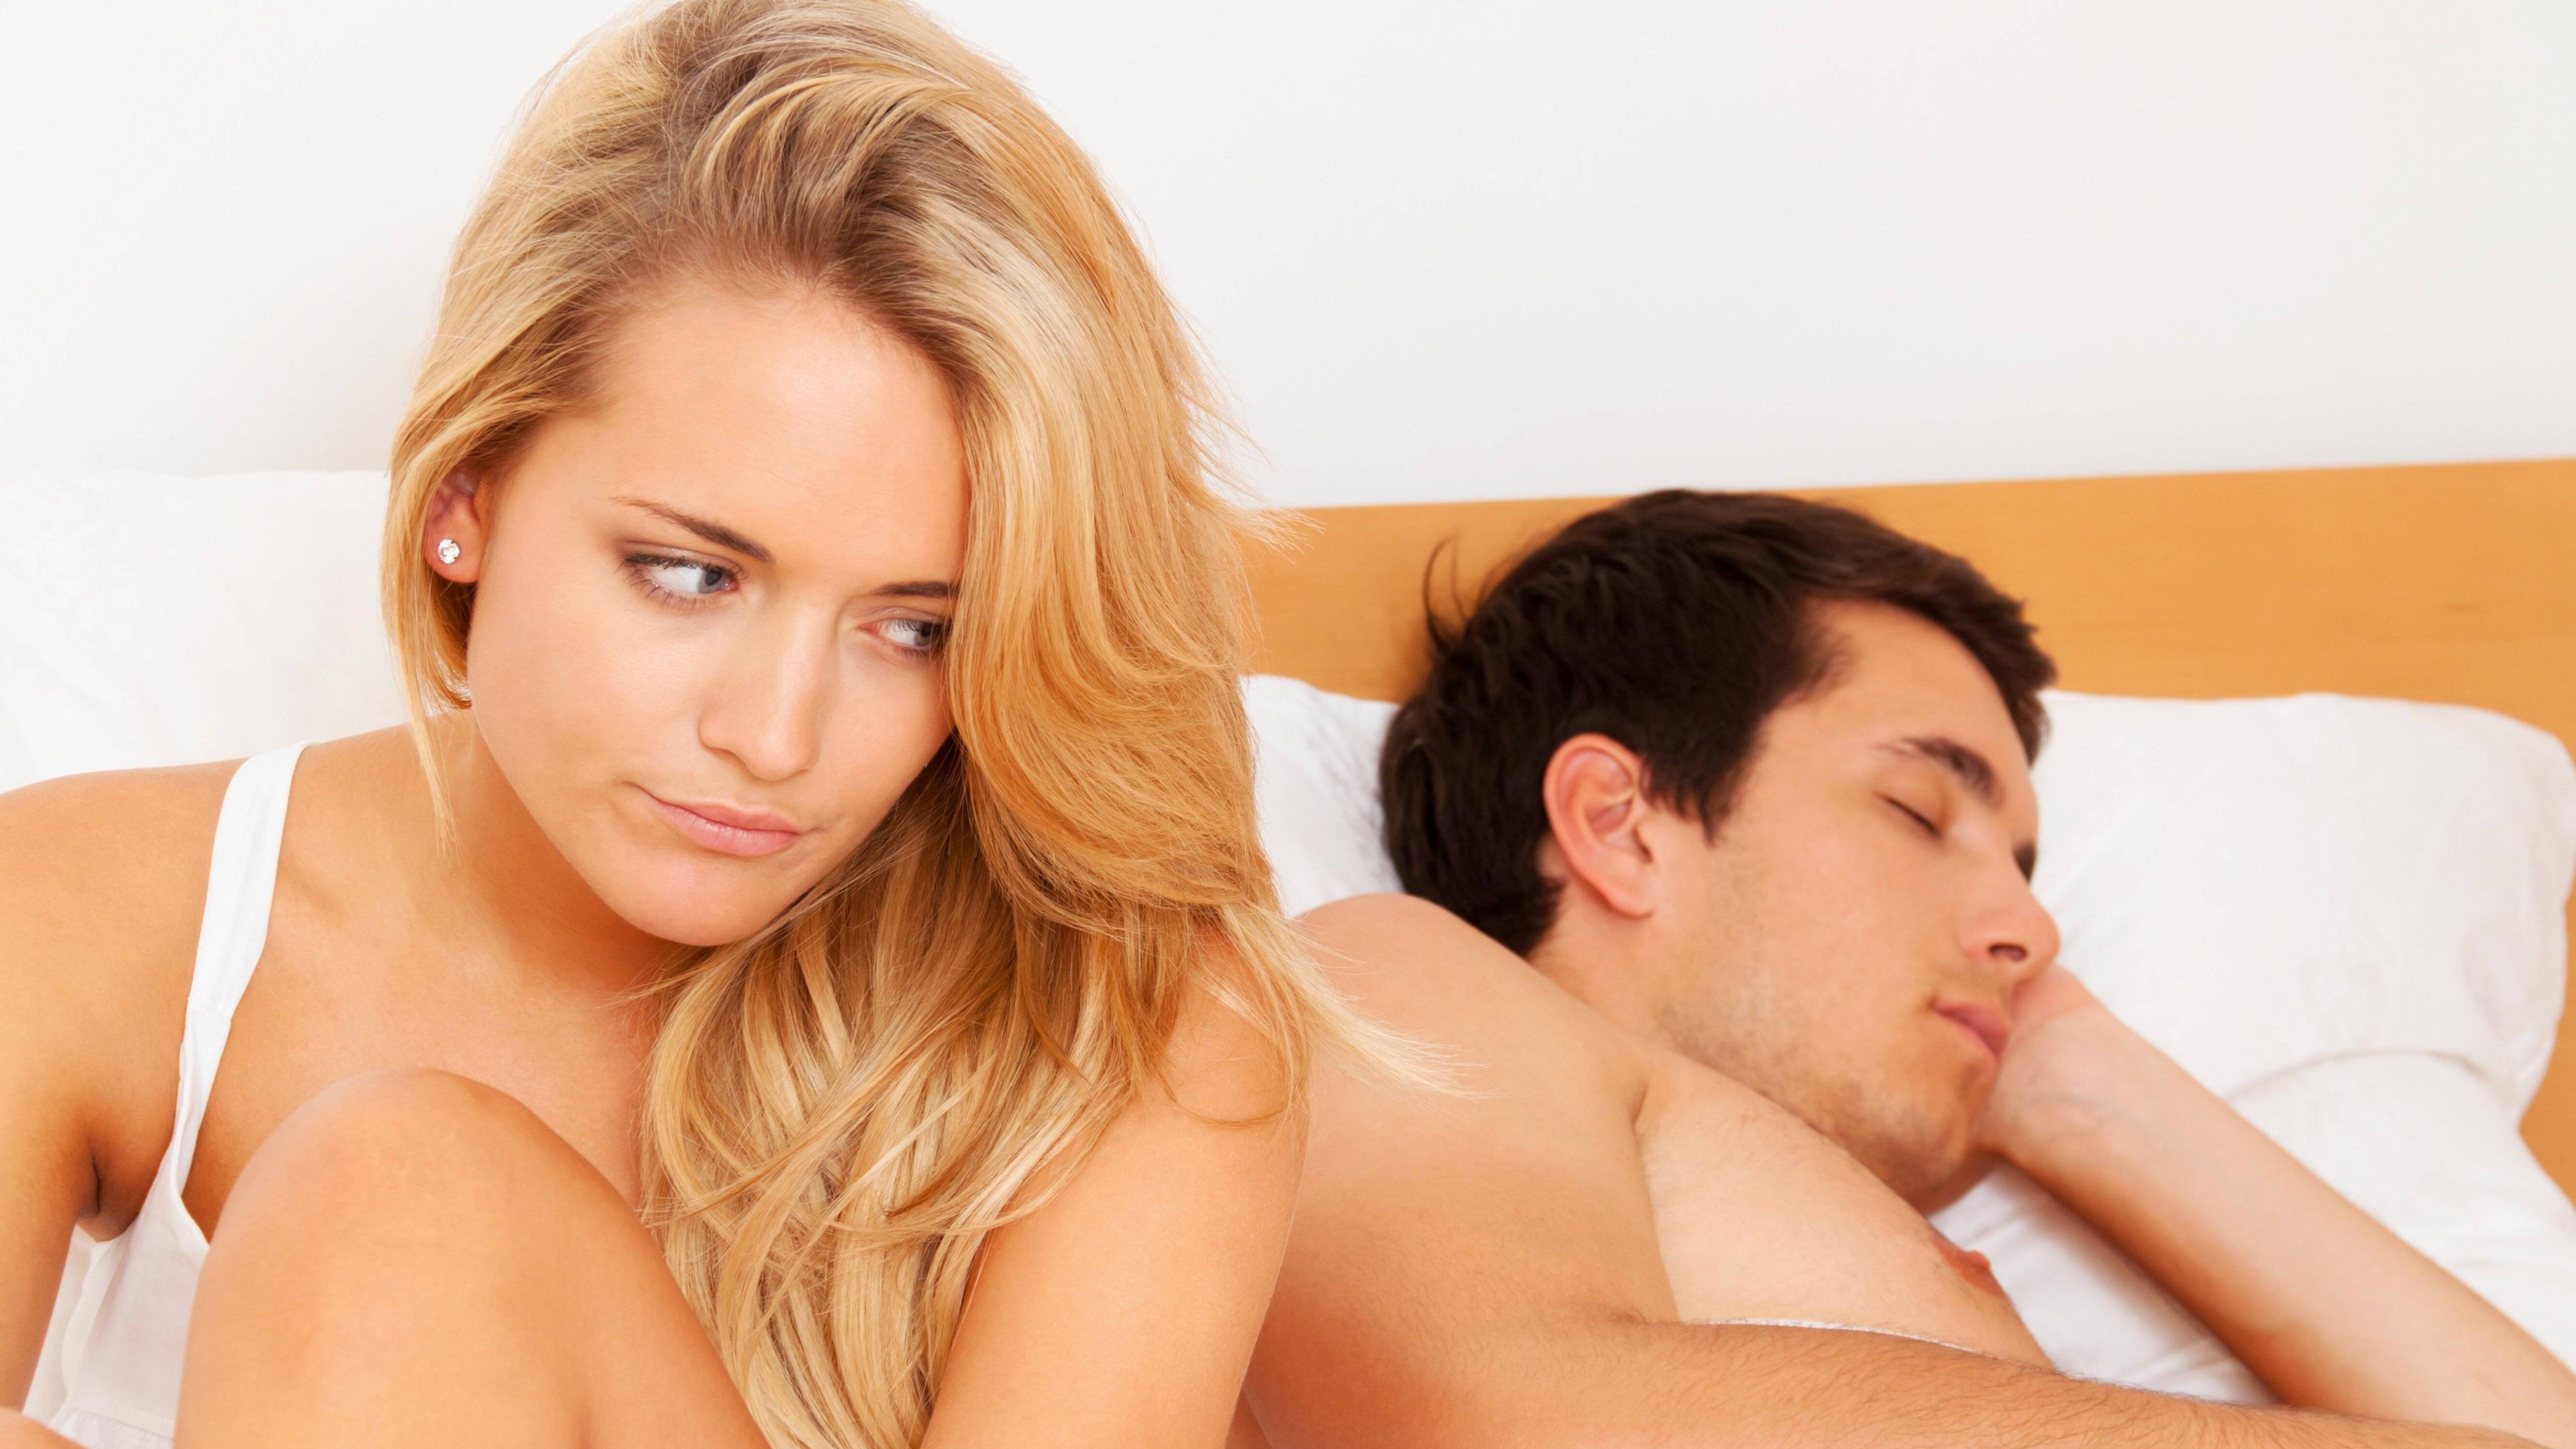 Trennungsjahr beantragen: Das sollten Sie wissen